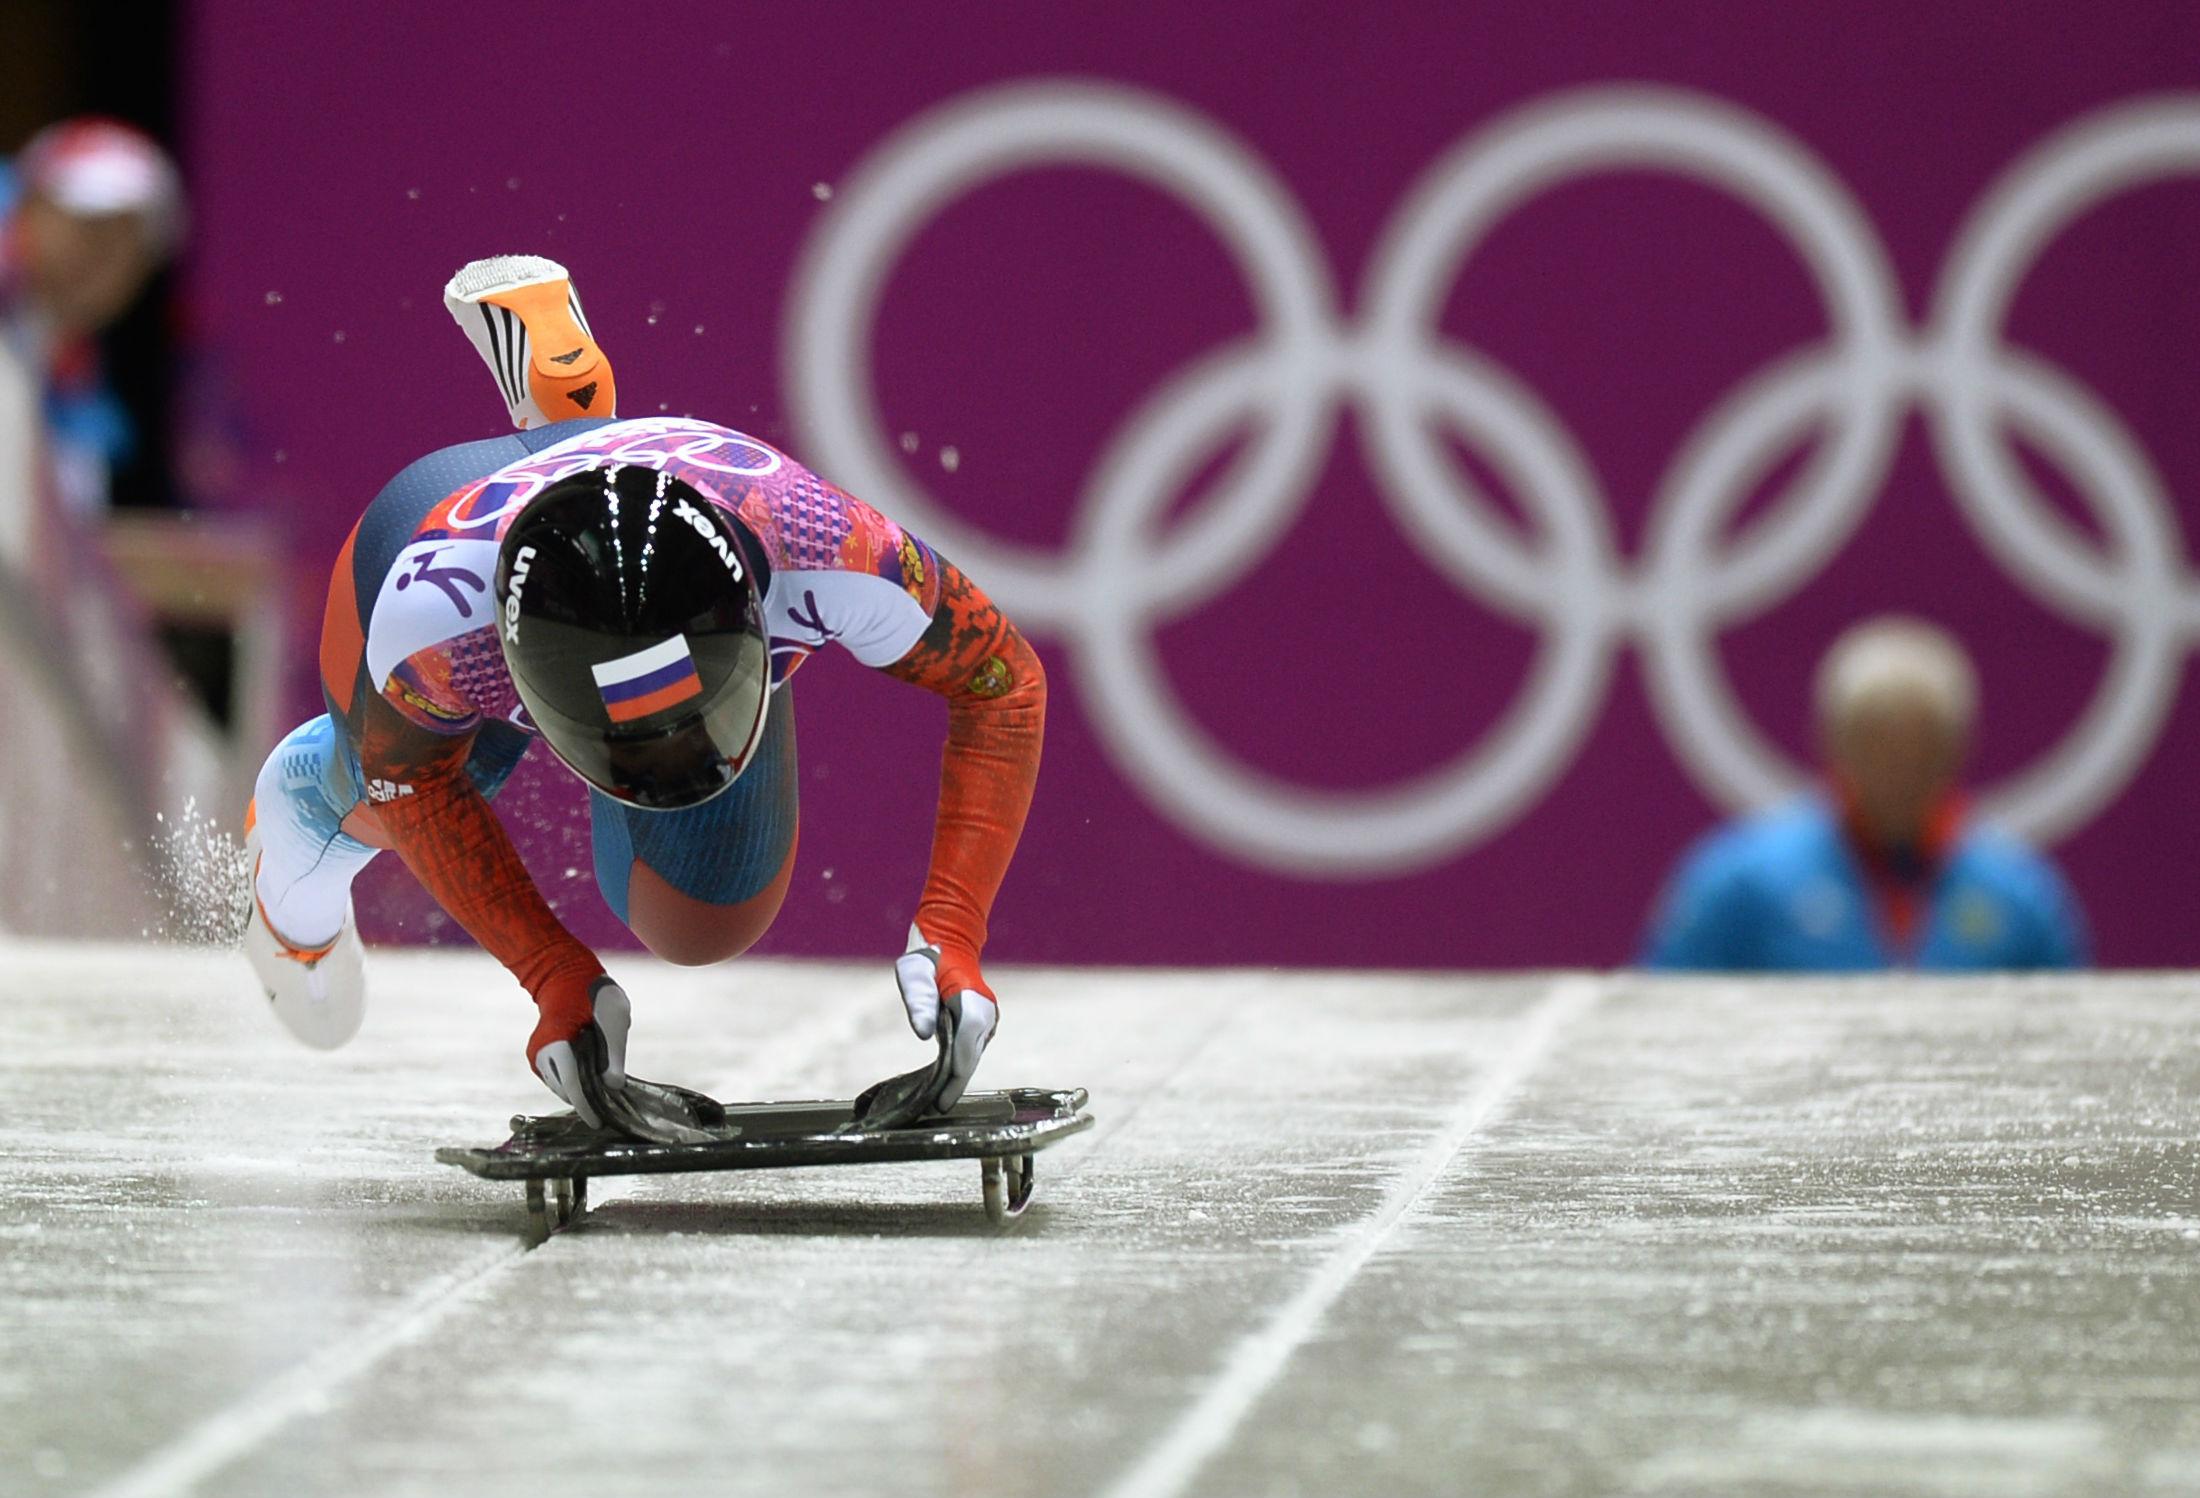 МОК лишил медалей двух российских скелетонистов. МОК лишил медалей двух российских скелетонистов